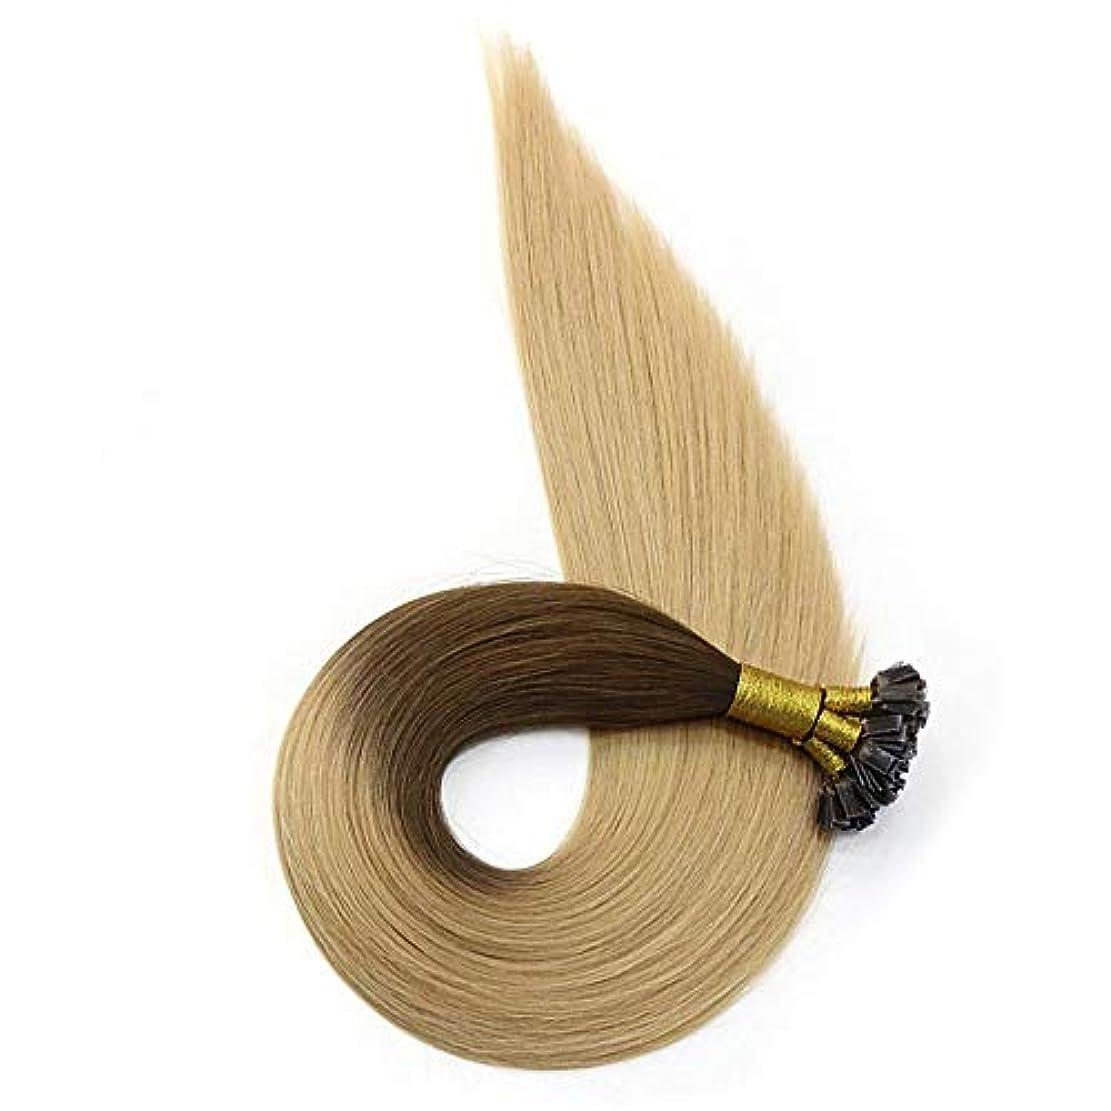 グレートオーク公平怒るWASAIO シームレスな髪型の交換人間の髪グルーミーブラウンブリーチブロンド着色リングでハイライトヘアエクステンションクリップ (色 : Blonde, サイズ : 18 inch)